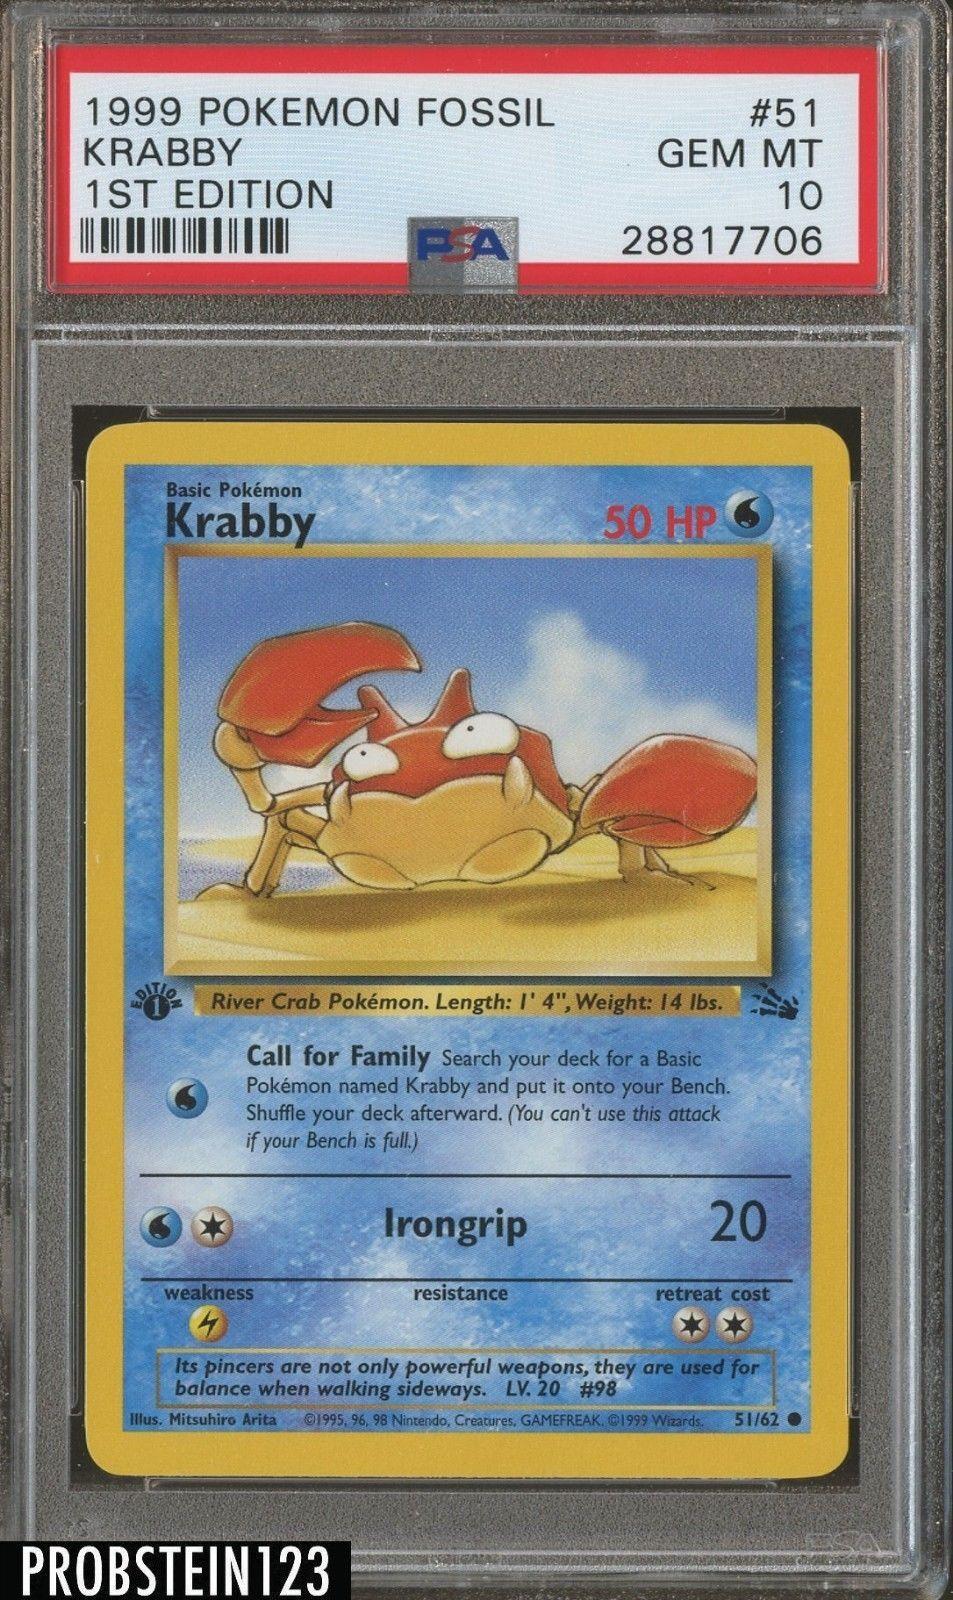 1999 pokemon fossil 1st edition 51 krabby psa 10 gem mint